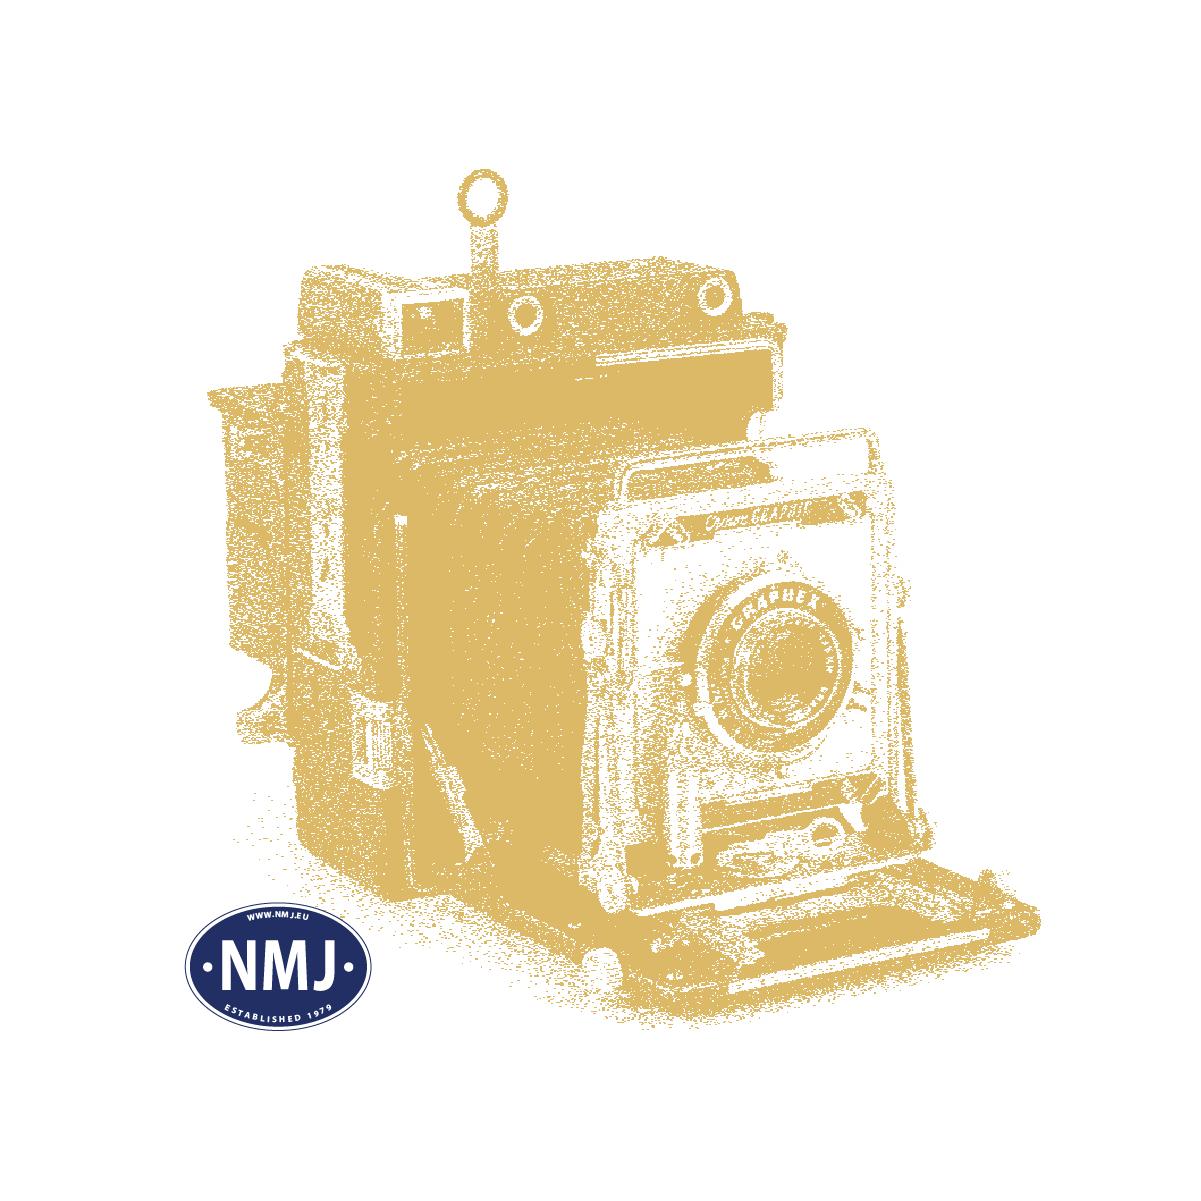 NMJT90012 - NMJ Topline NSB Di3a.619, Rotbraun, DCC m/Sound